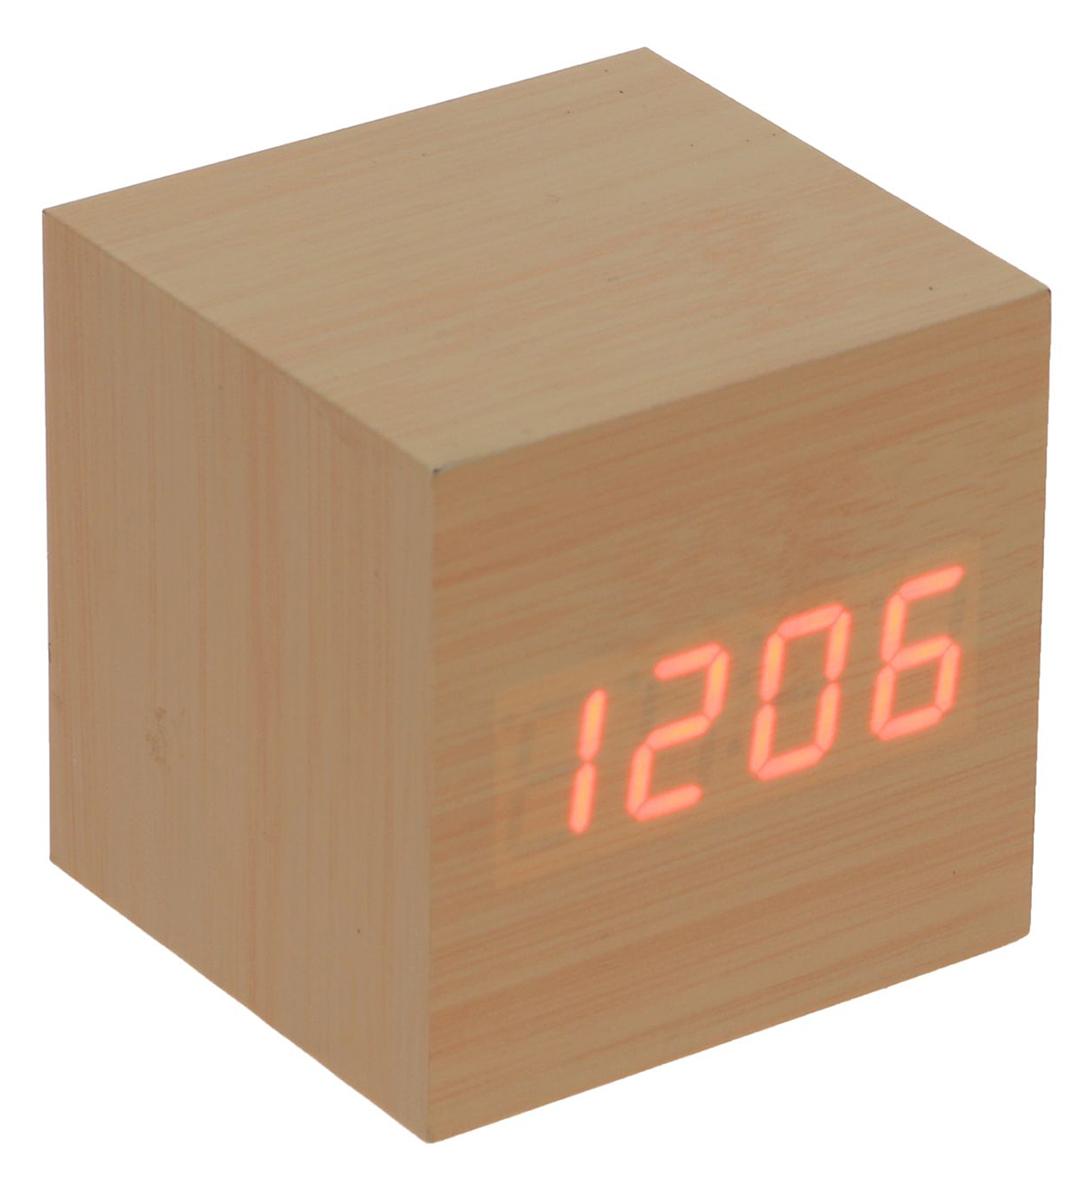 Часы-будильник настольные Куб, диаметр 6,5 х 6,5 х 6. 23070752307075Данные часы совмещают в себе, помимо основной, функции будильника, термометра и календаря. Их также можно использовать как декоративный элемент вашего дома, поскольку изделие имеет минималистичный дизайн и выполнено под дерево. Особенности: календарь до 2099 г.; дисплей отображает время в 12- или 24-часовом режиме; термометр показывает температуру в градусах Цельсия (°C) или Фаренгейта (°F); формат даты на экране: число/месяц; в период времени с 18:00 до 7:00 дисплей работает в режиме пониженной яркости; возможность устанавливать до 3 будильников сразу; наличие энергосберегающего голосового режима работы (активируйте часы хлопком (> 60 дБ) или поглаживанием по ним рукой); на задней панели корпуса находятся кнопки управления: «вверх» (up), «вниз» (down), «настройки» (set) и «сбросить» (reset).